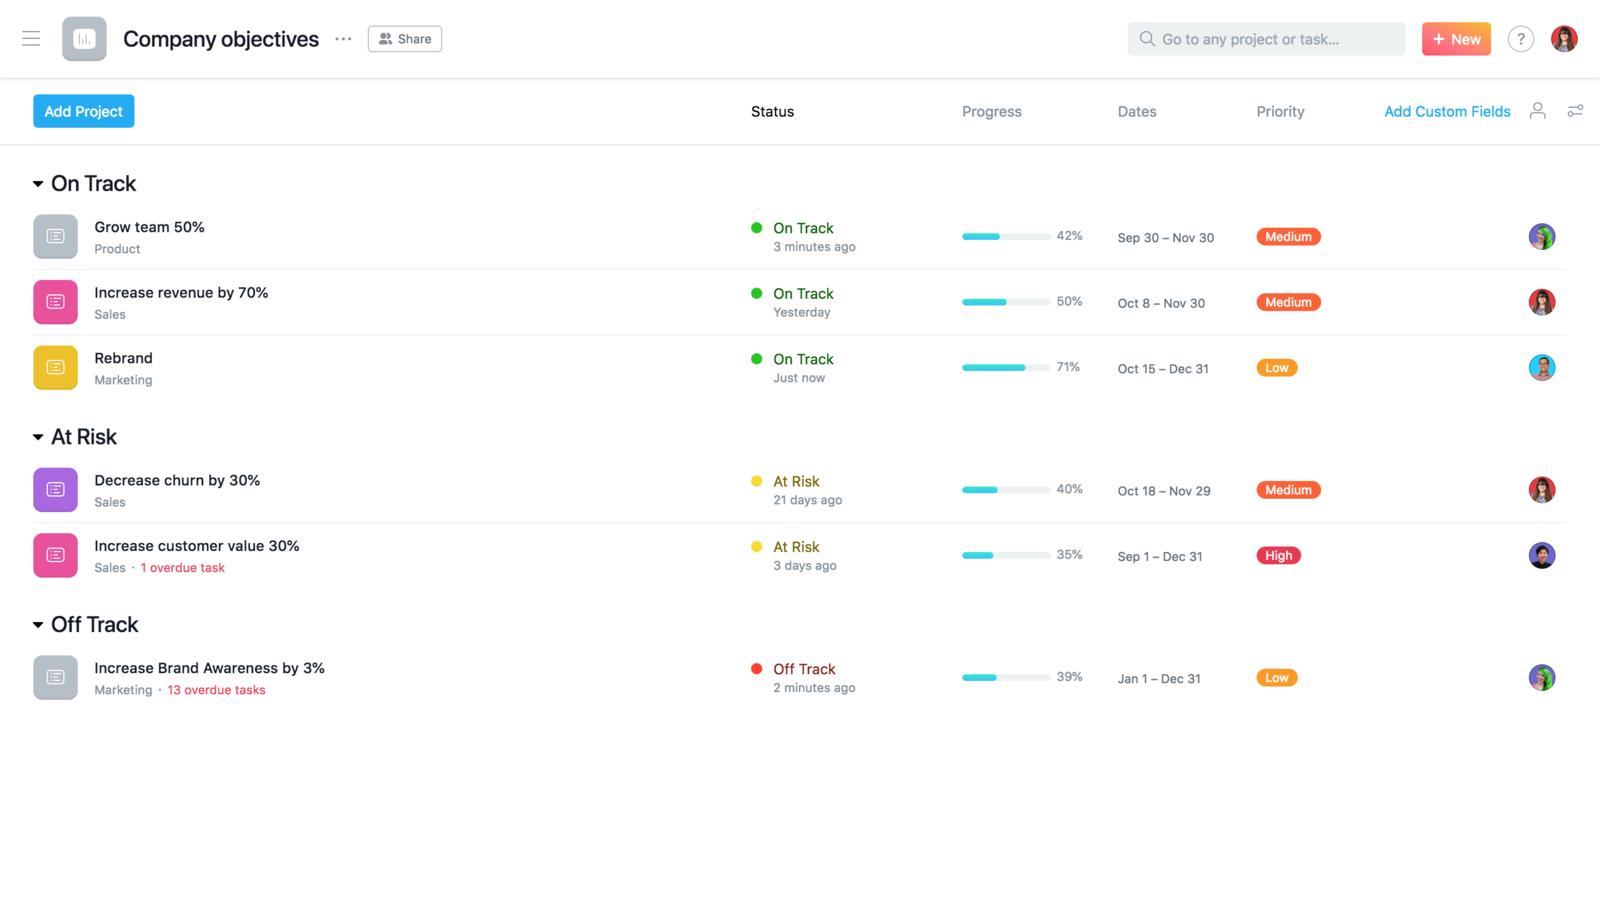 ポートフォリオは主なイニシアチブやチームのすべてのプロジェクトを 1 か所で追跡するための最適な手段